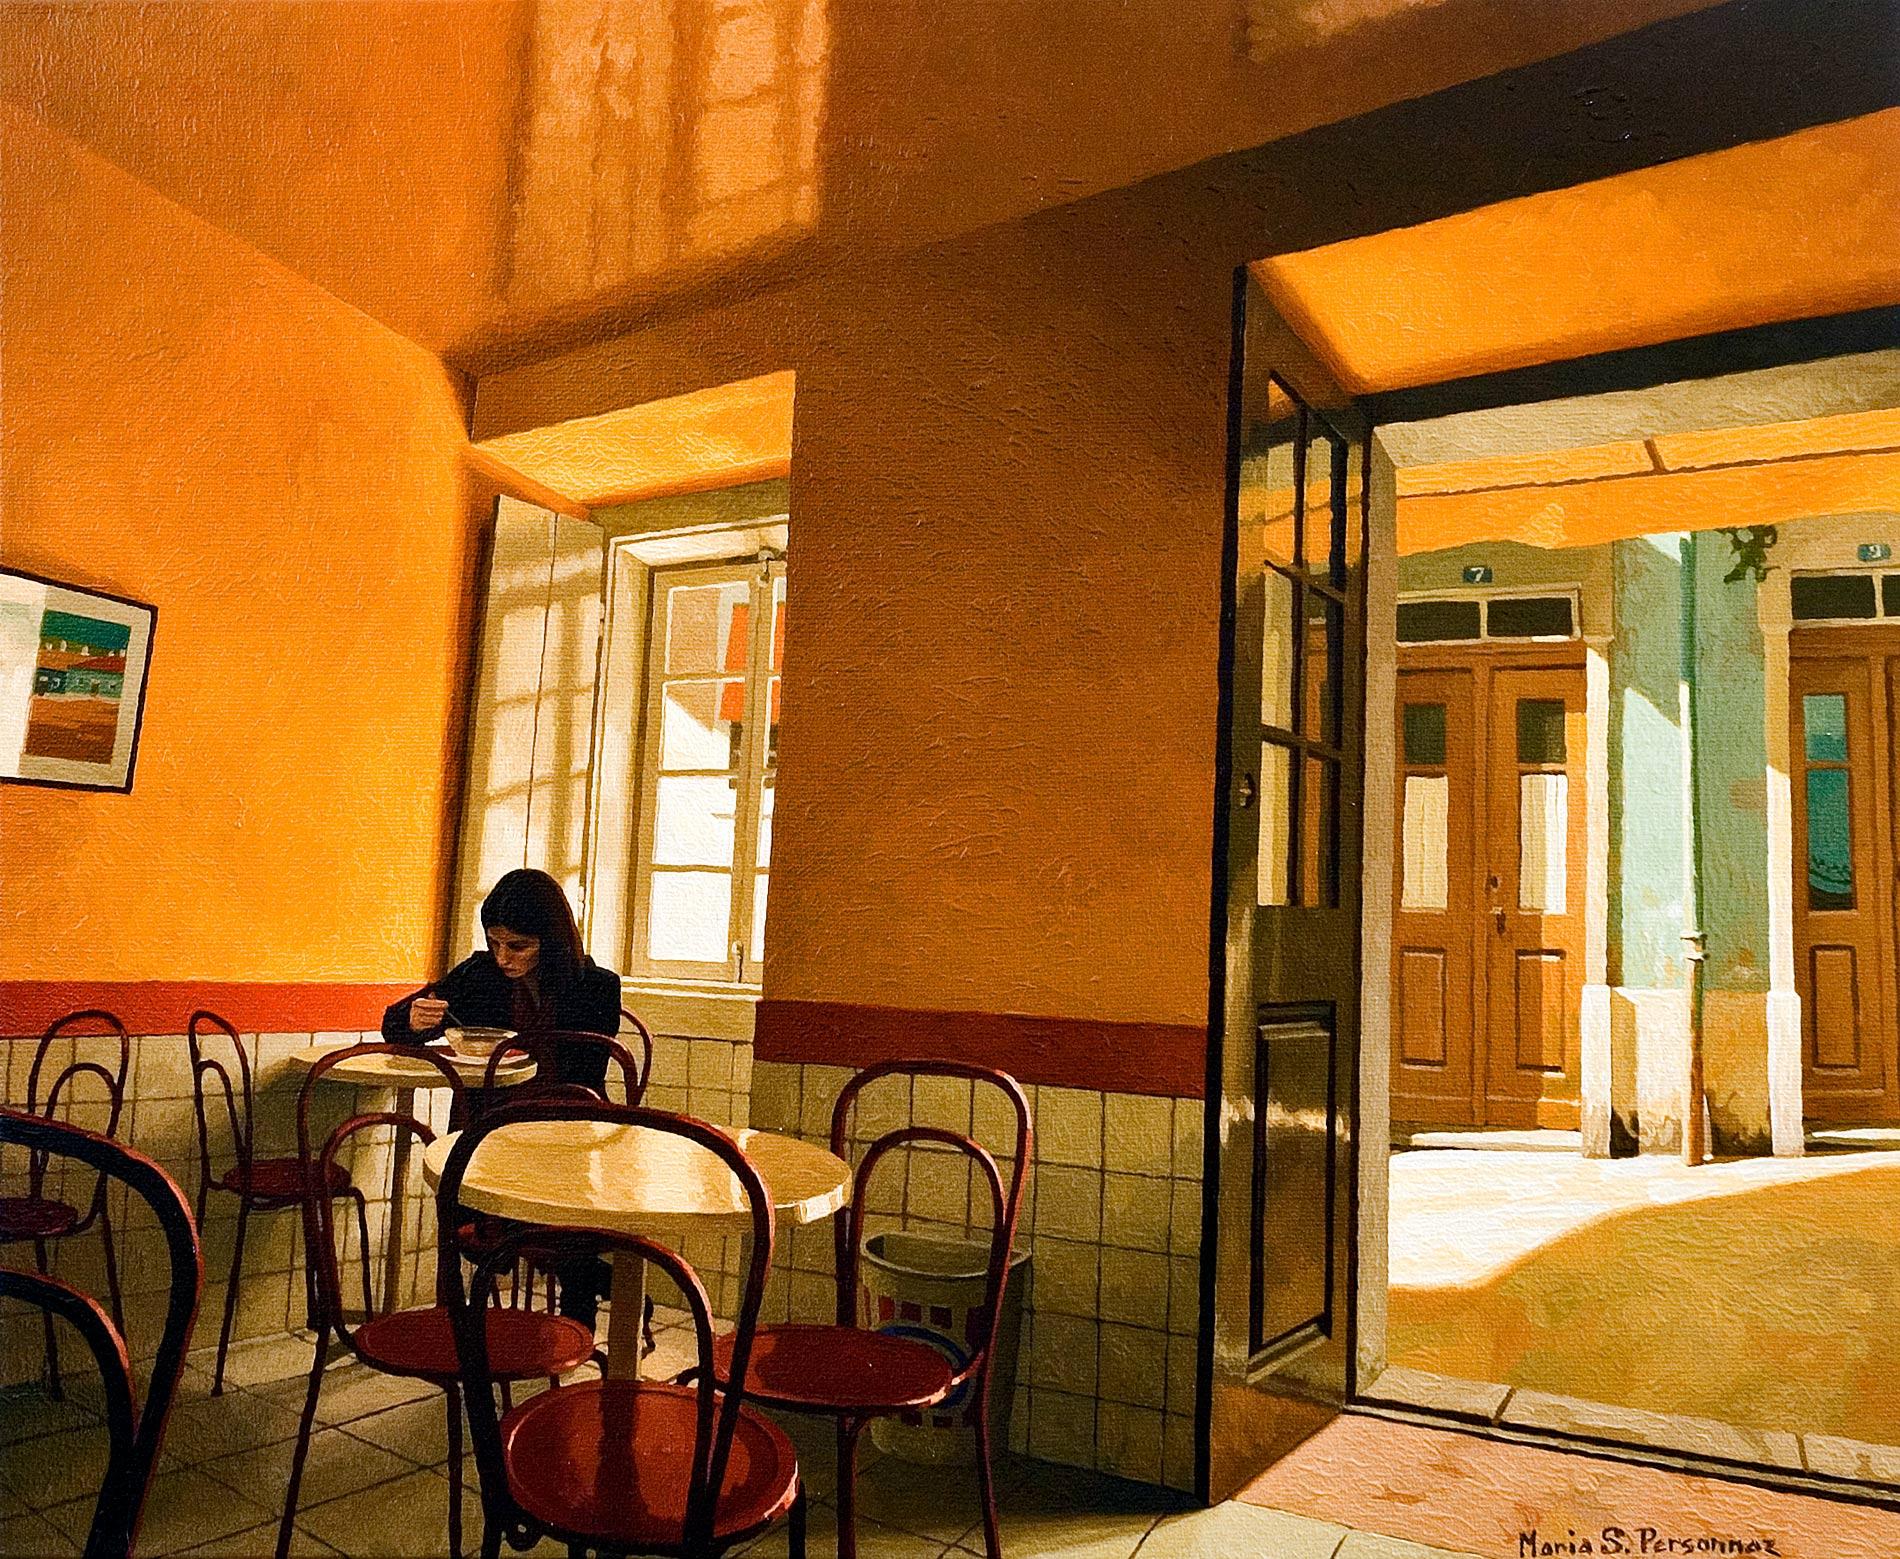 Cafétéria aux murs jaunes, Portugal